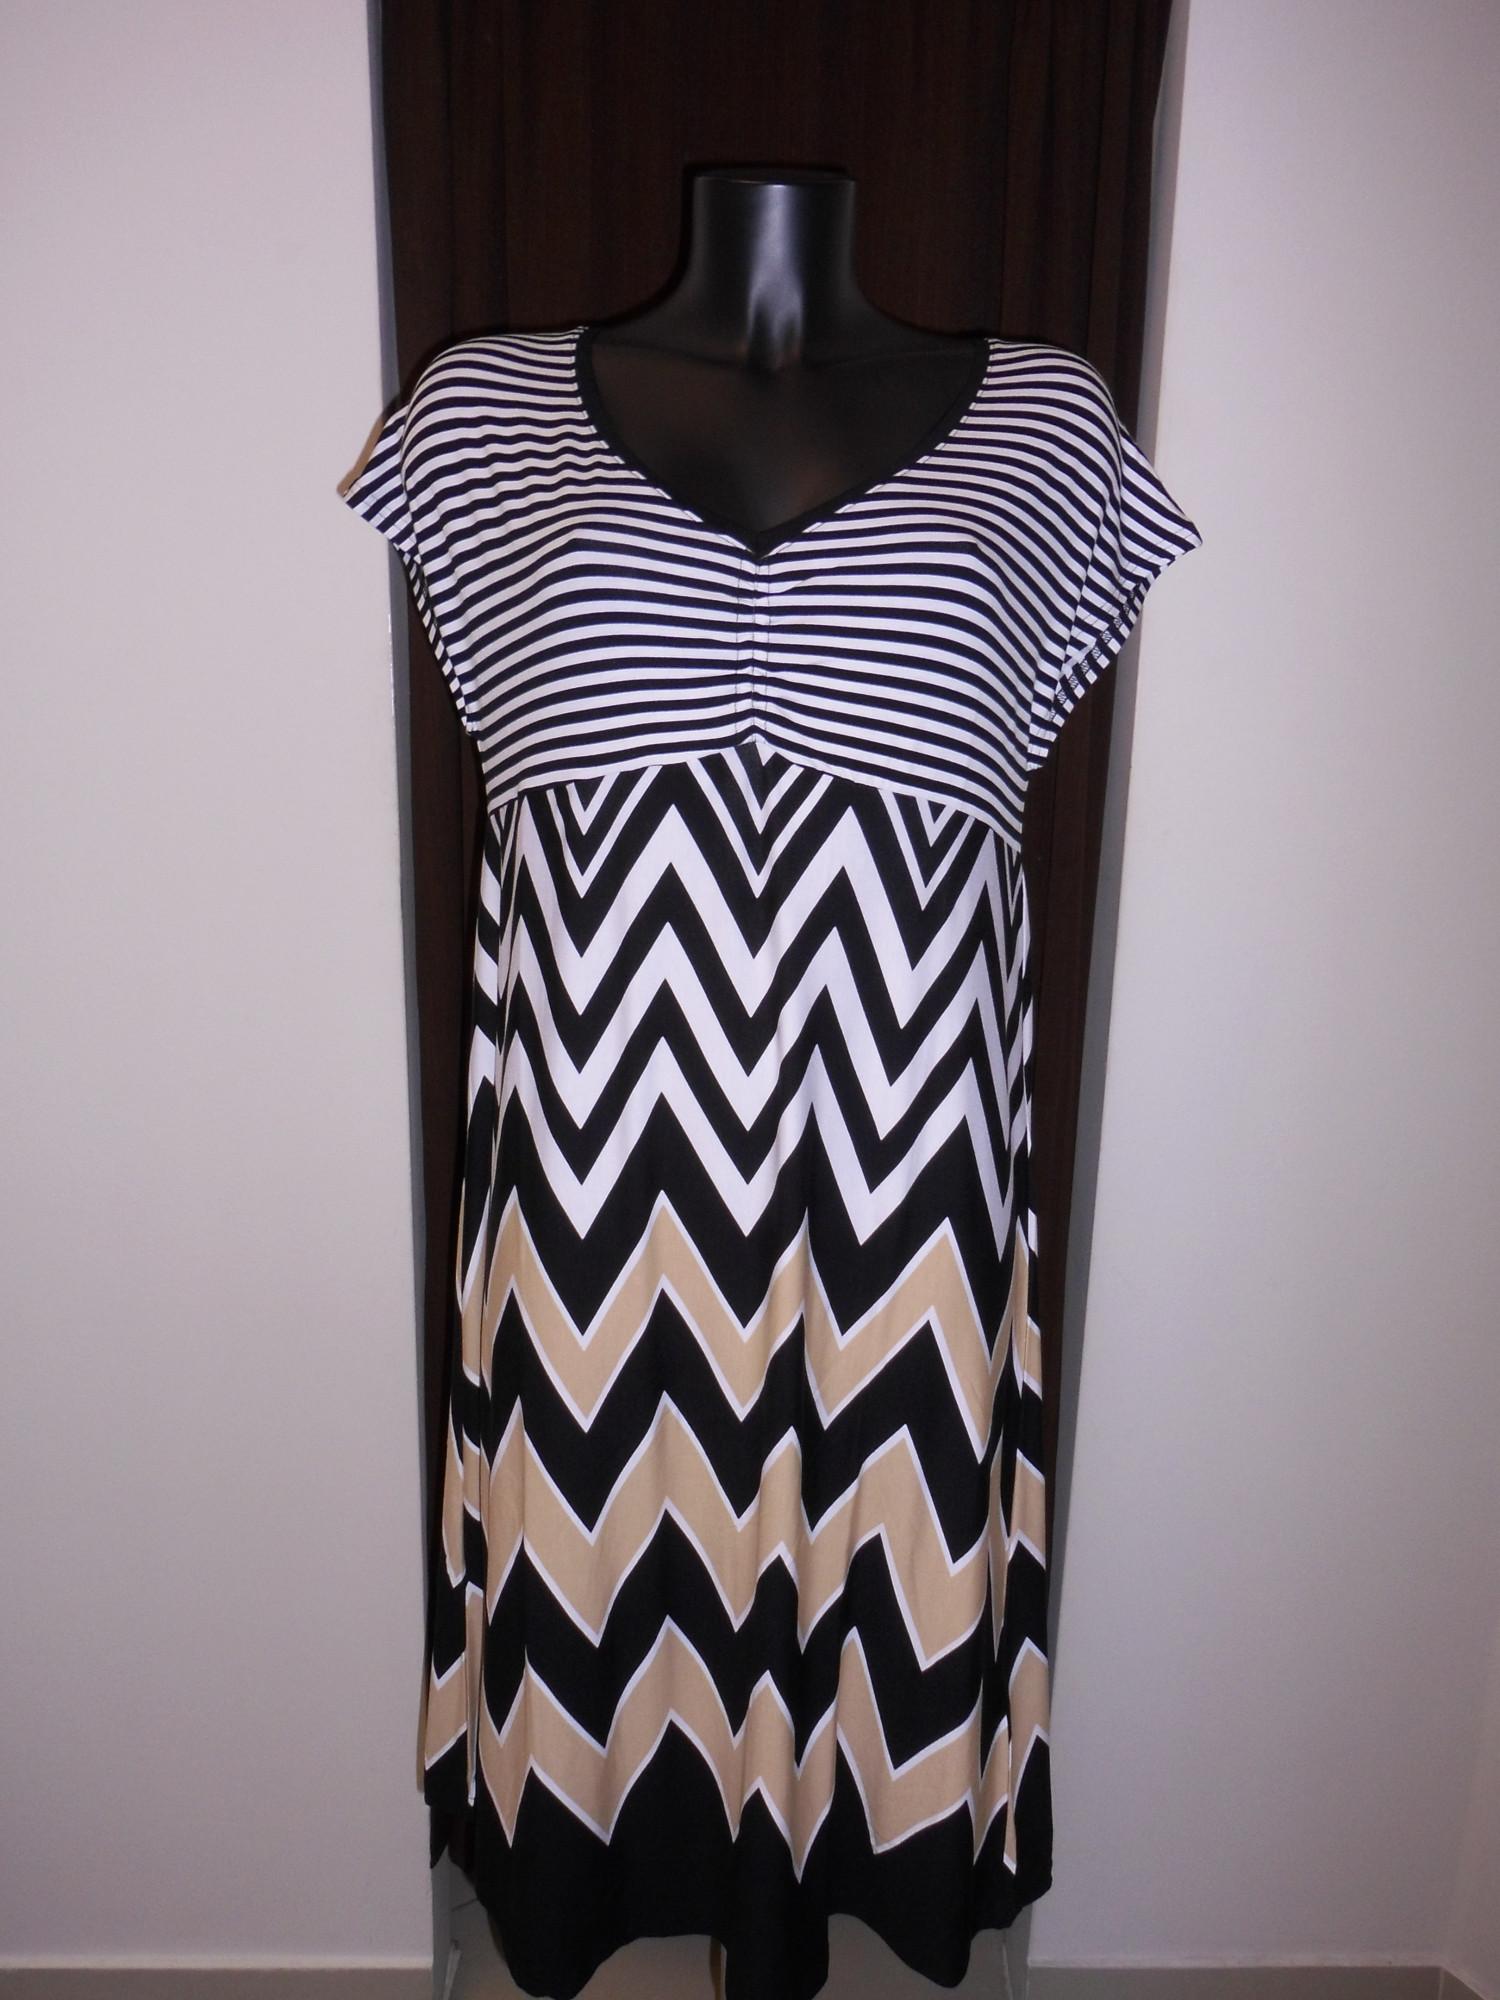 Šaty 4623 - Vamp bílá, černá, béžová- pruhy XS